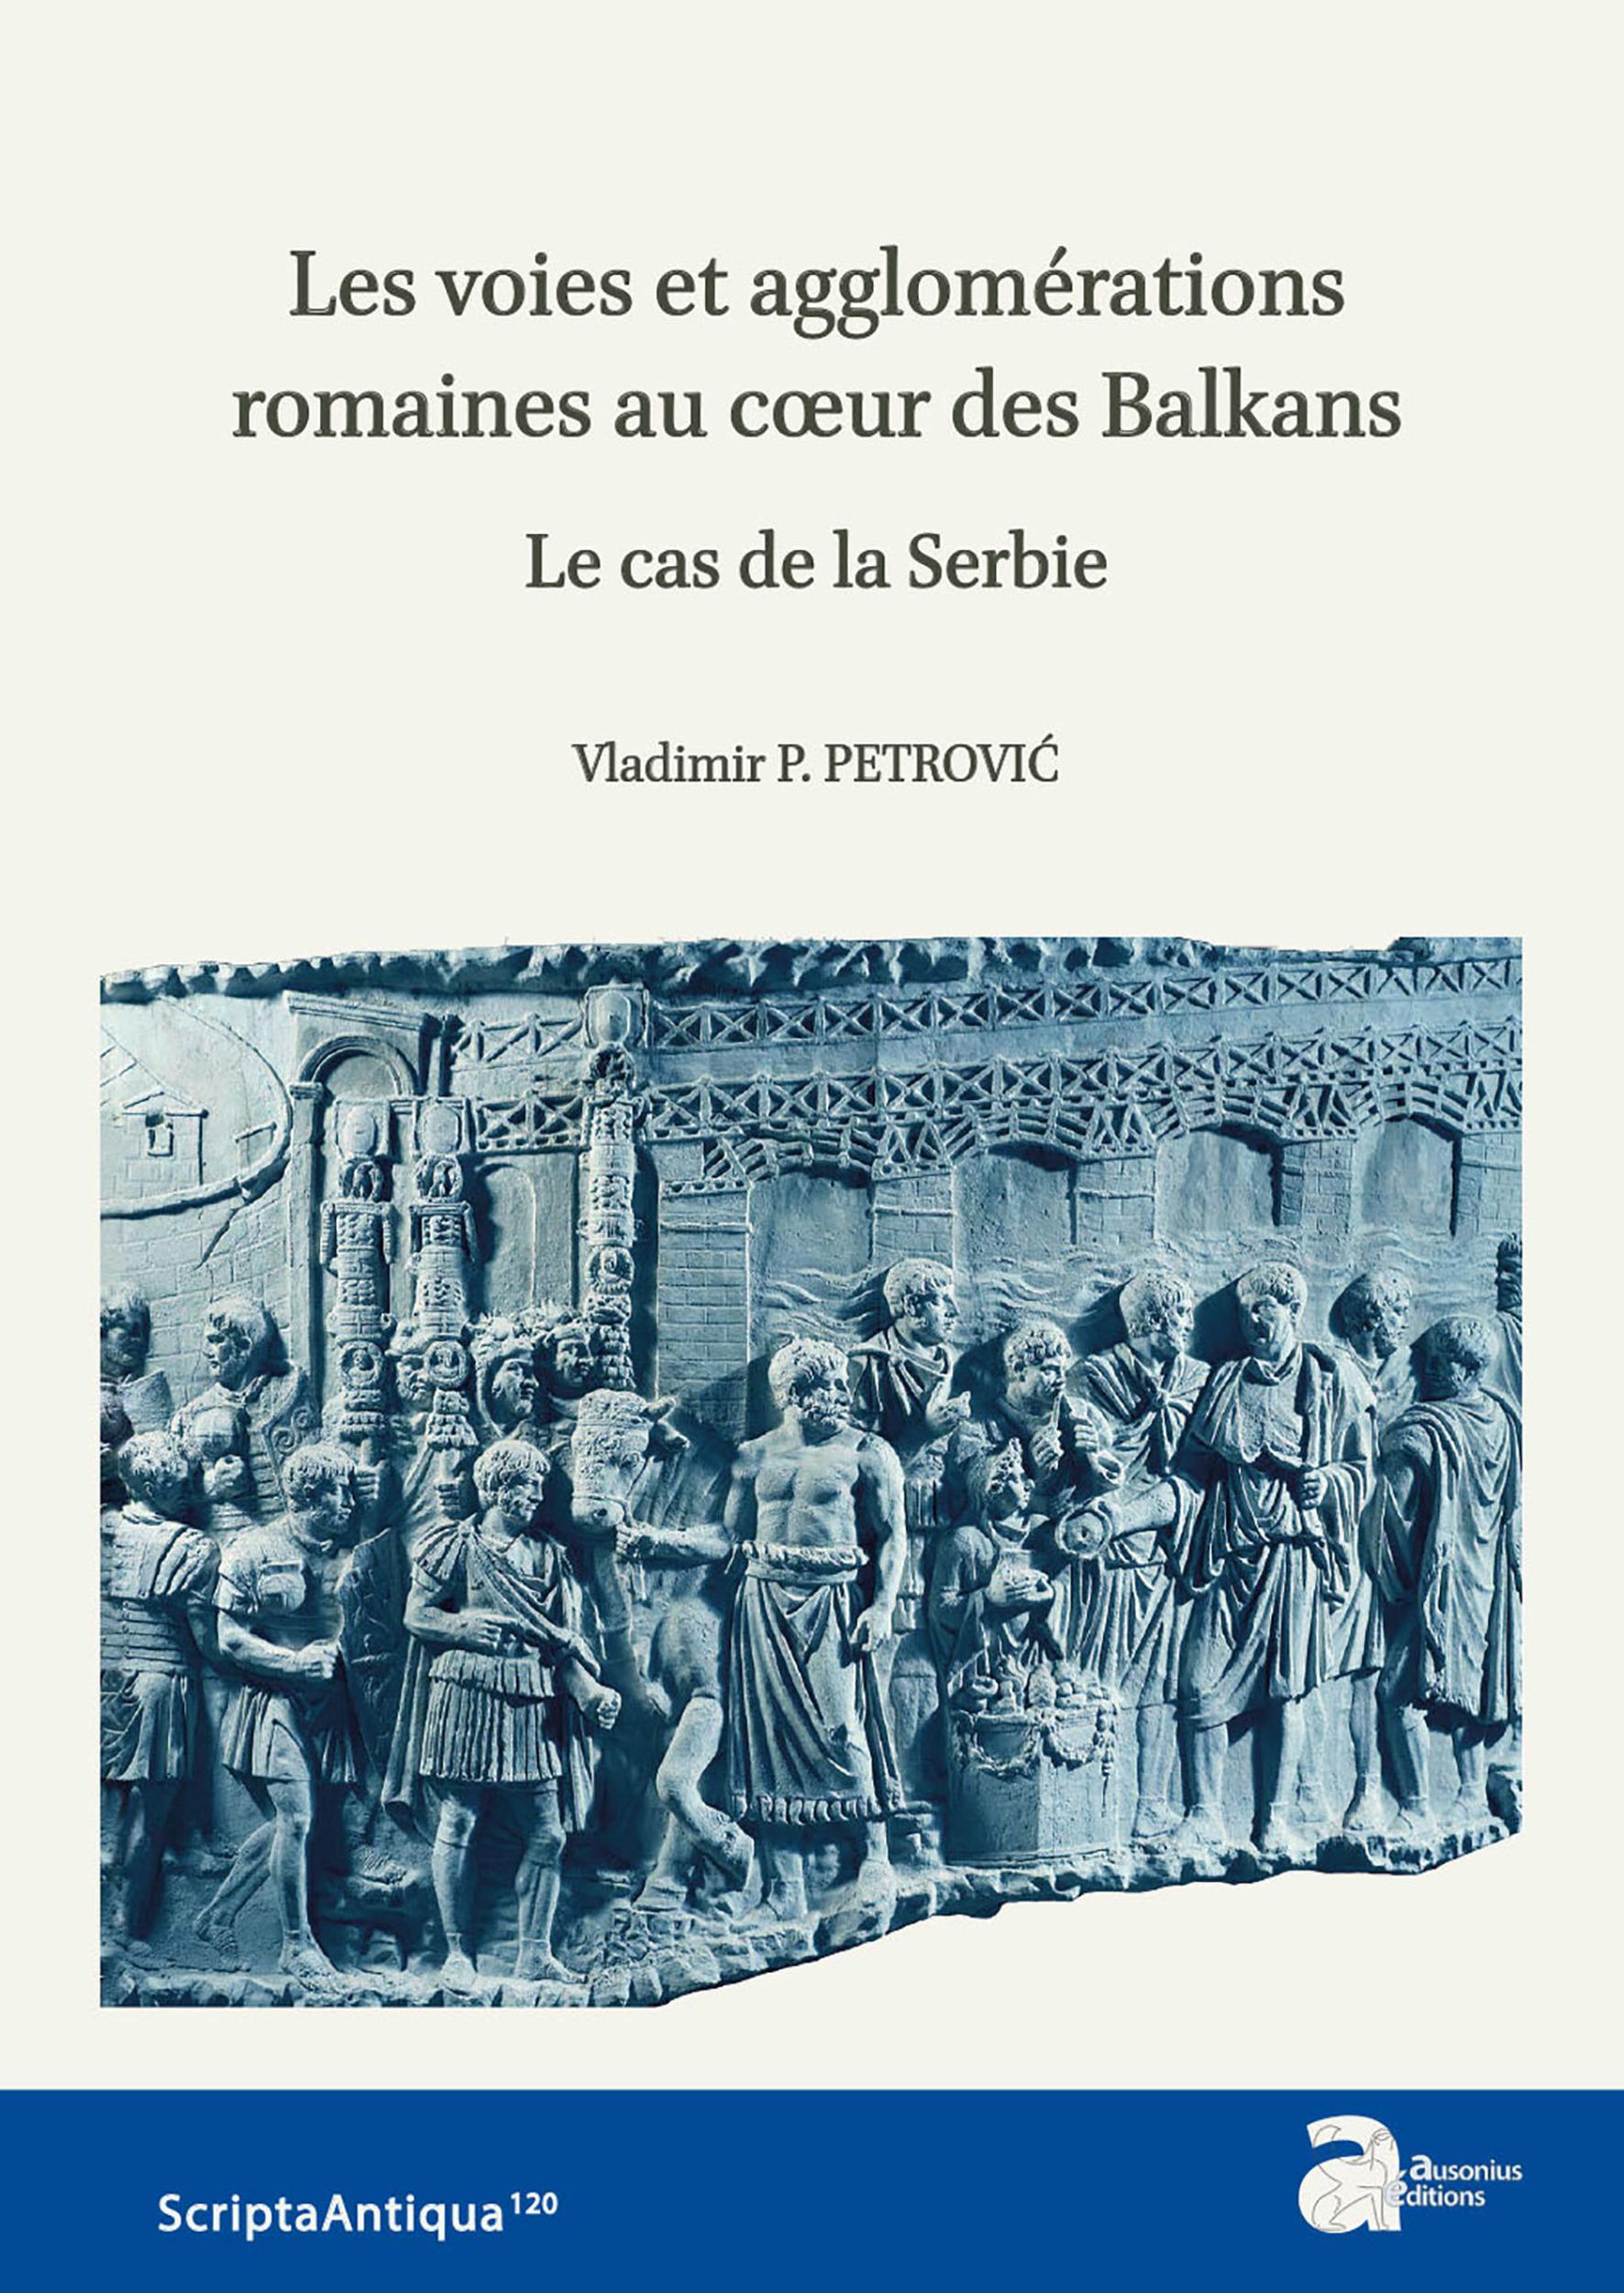 Les voies et agglomérations romaines au coeur des Balkans ; le cas de la Serbie